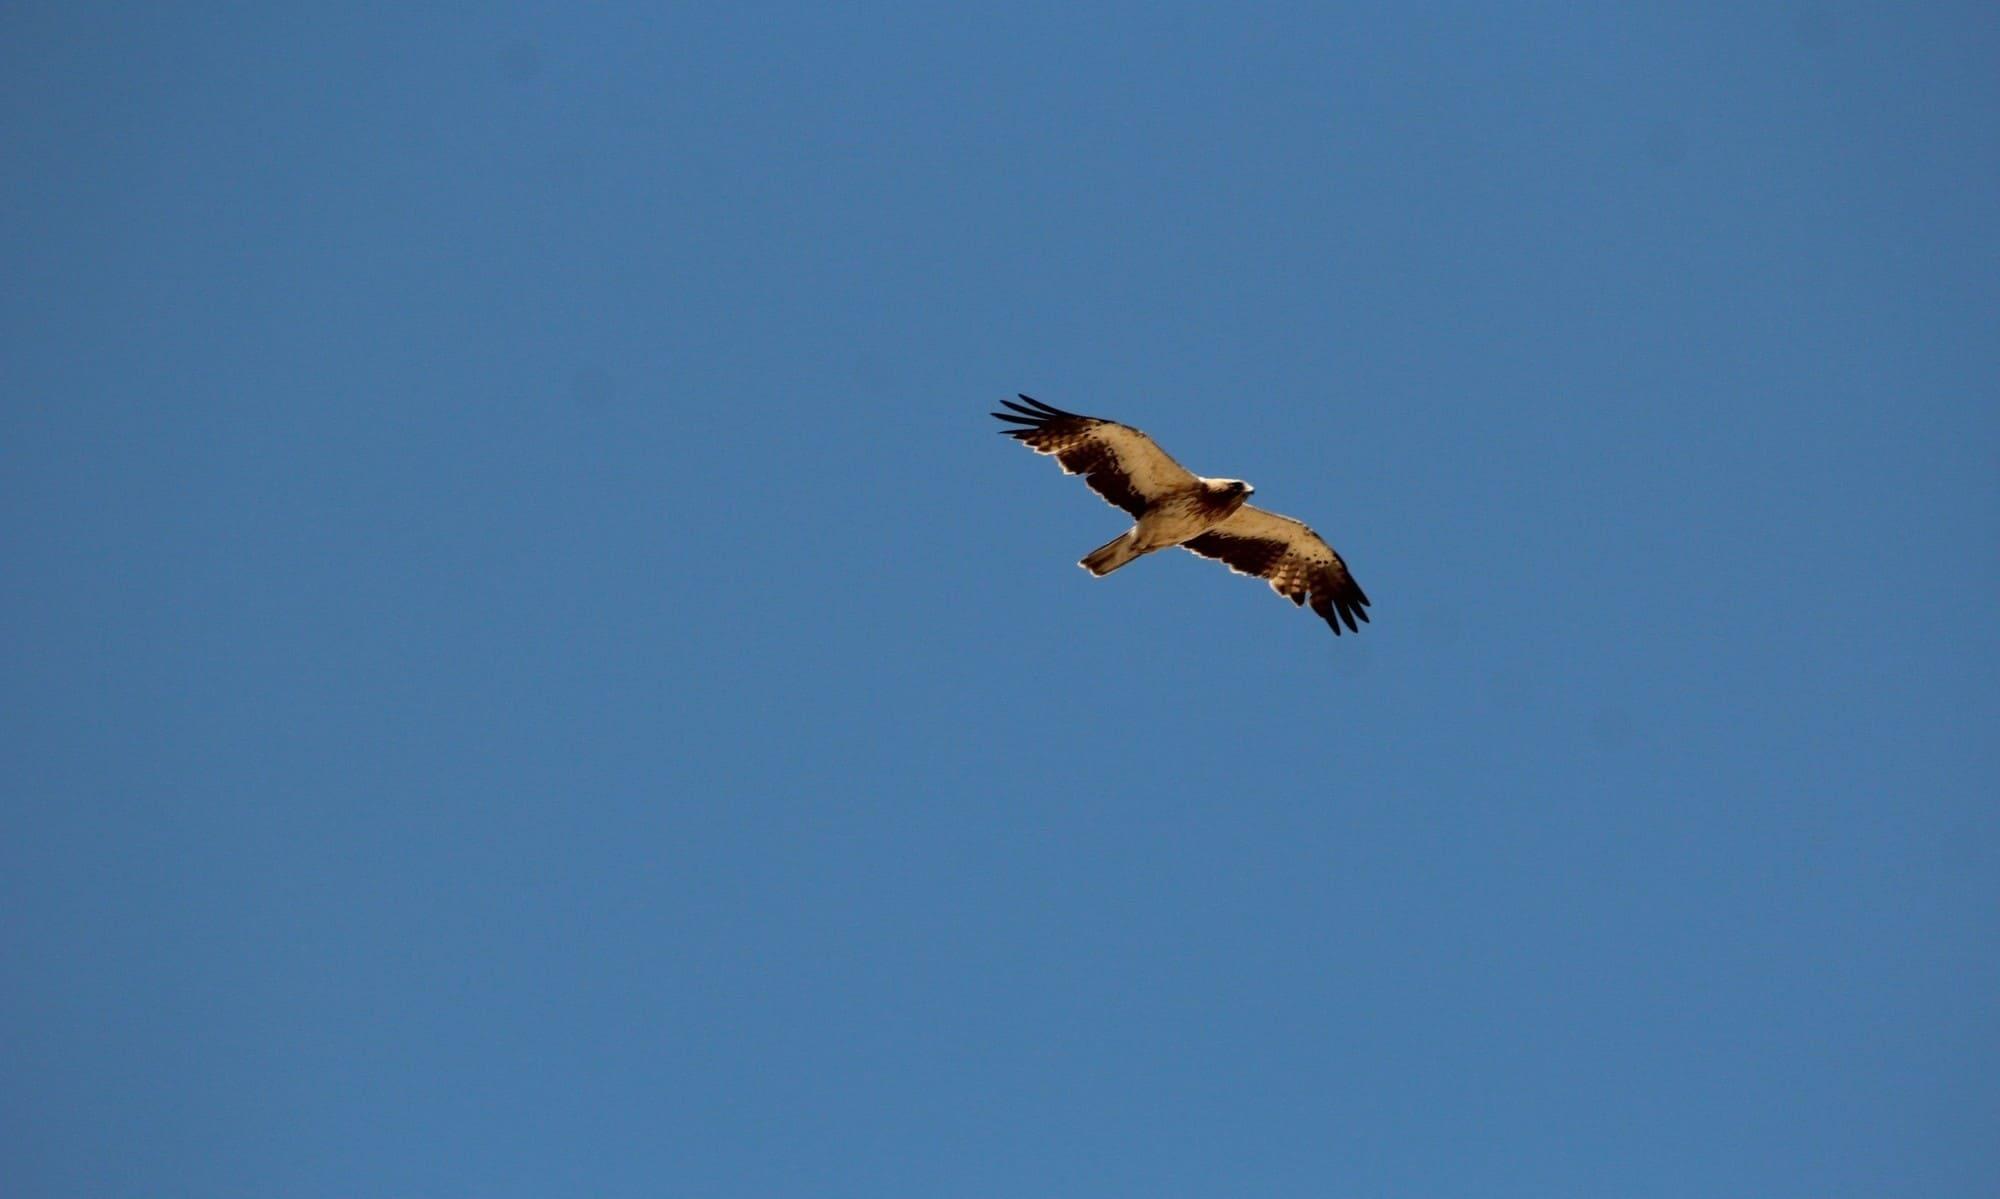 aves: aguila calzada